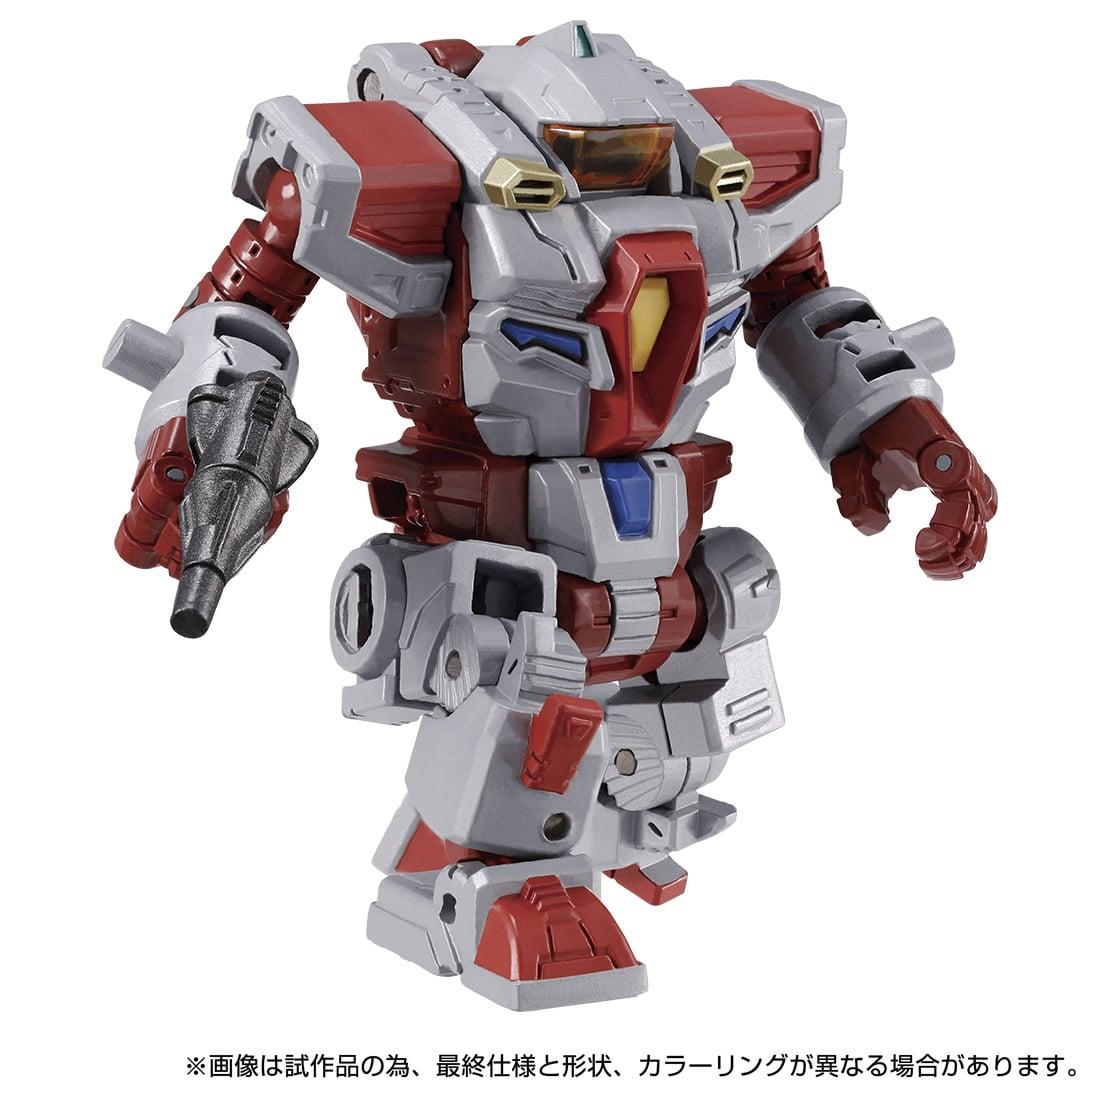 ダイアクロン / グリッドマンユニバース 02『ダイアクロンVS.グリッドマン Ver』可動フィギュア-014